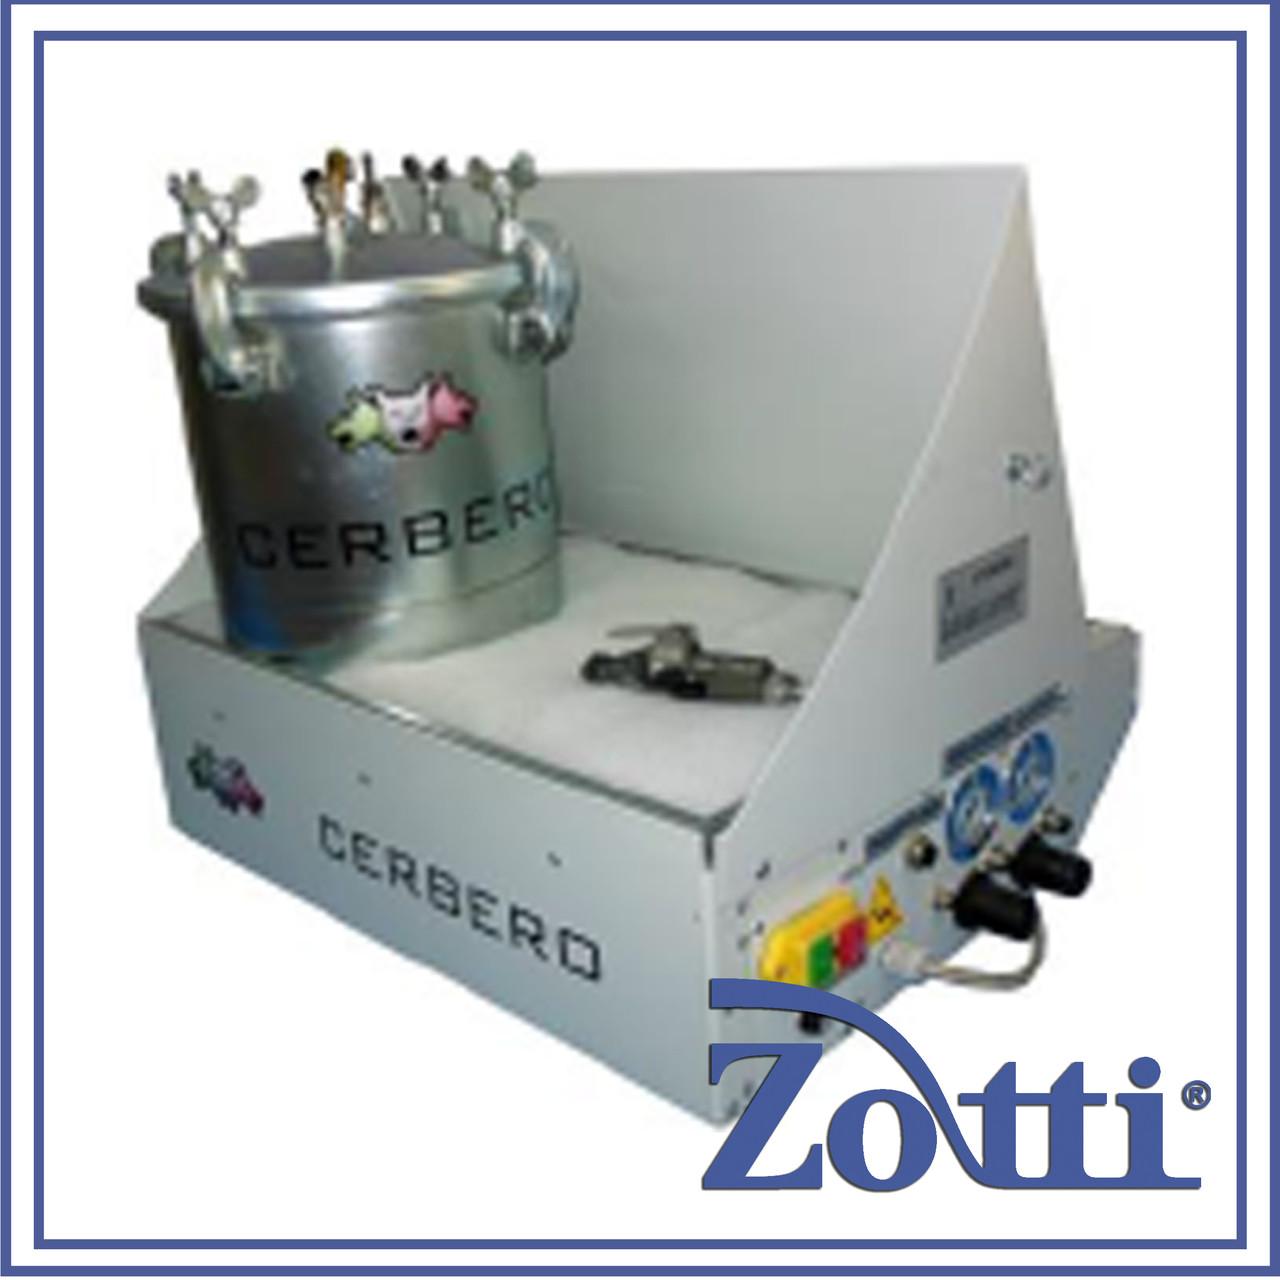 Набор для точной проклейки КТ 055-S-TK8. Cerbero (Италия)